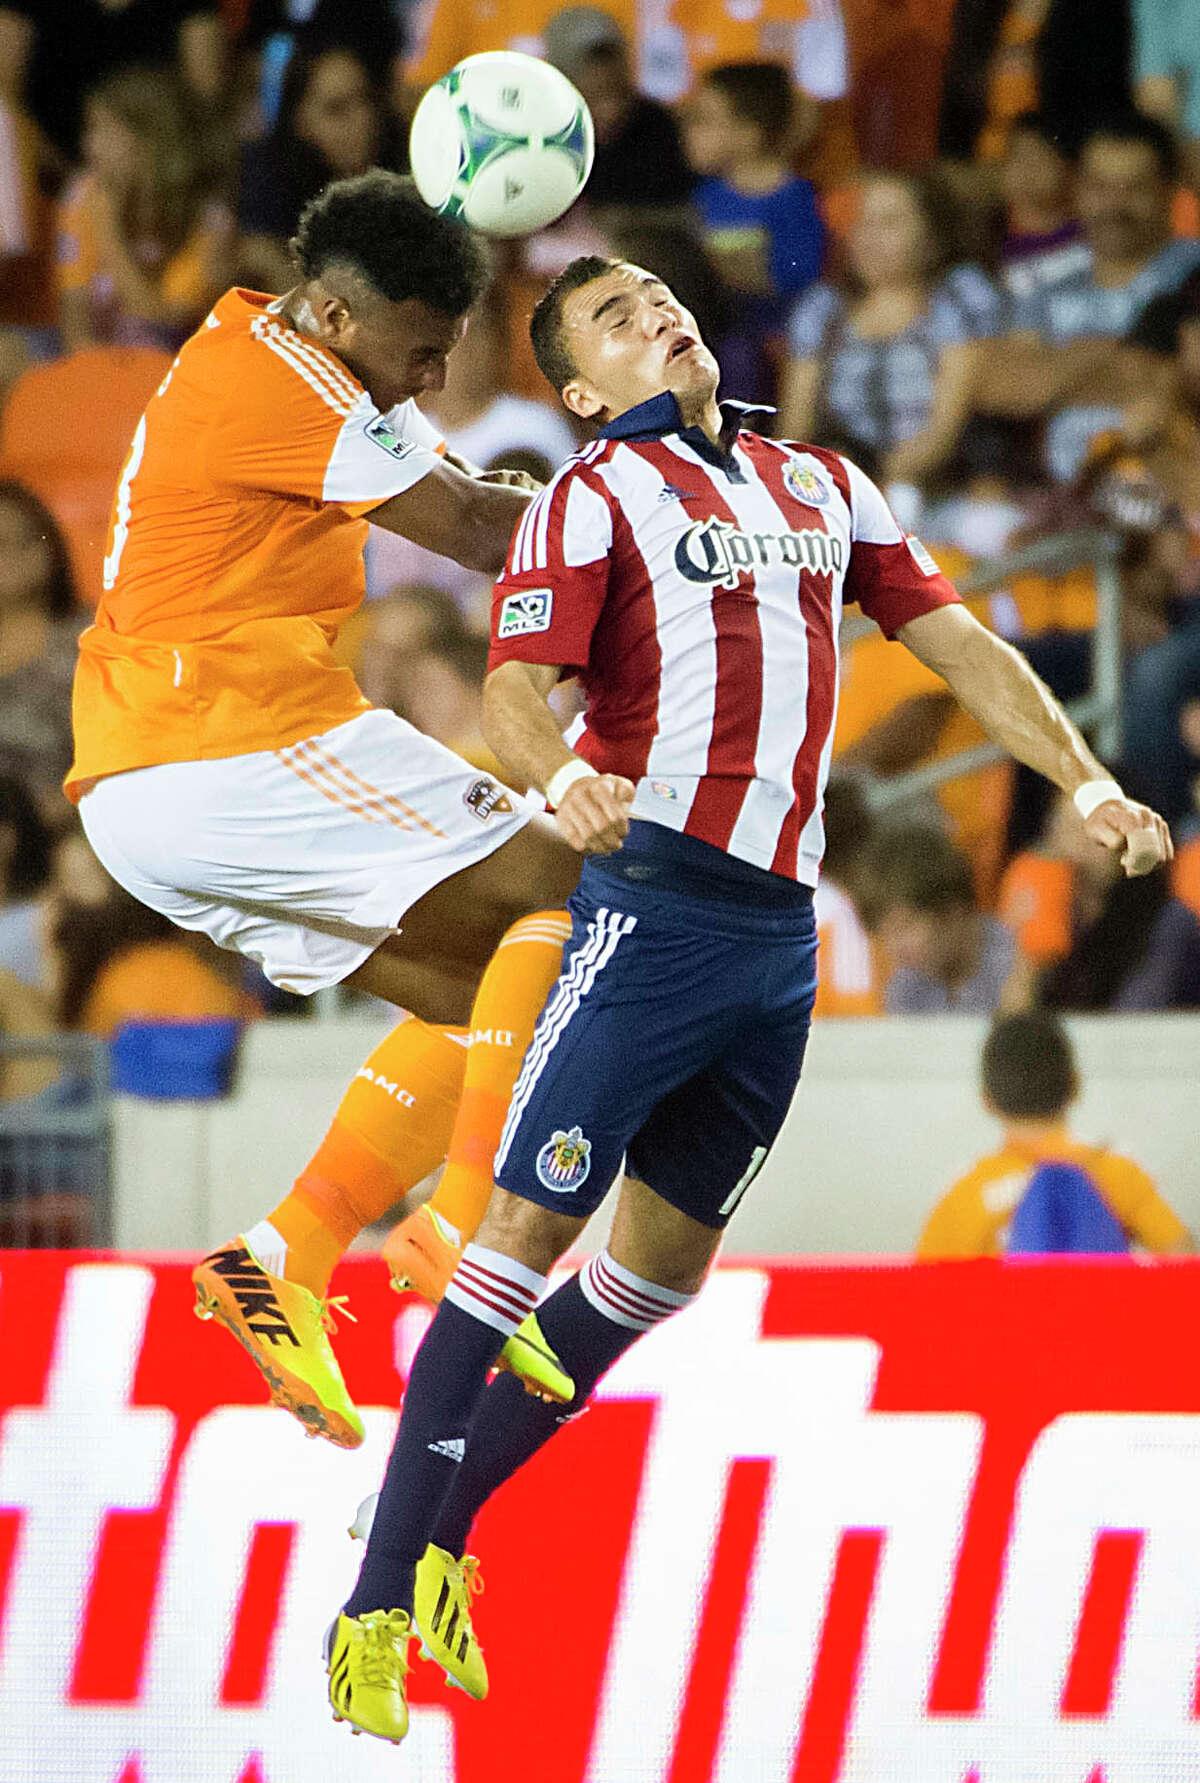 Dynamo midfielder Giles Barnes fights for a header against Chivas USA defender Bryan de la Fuente.